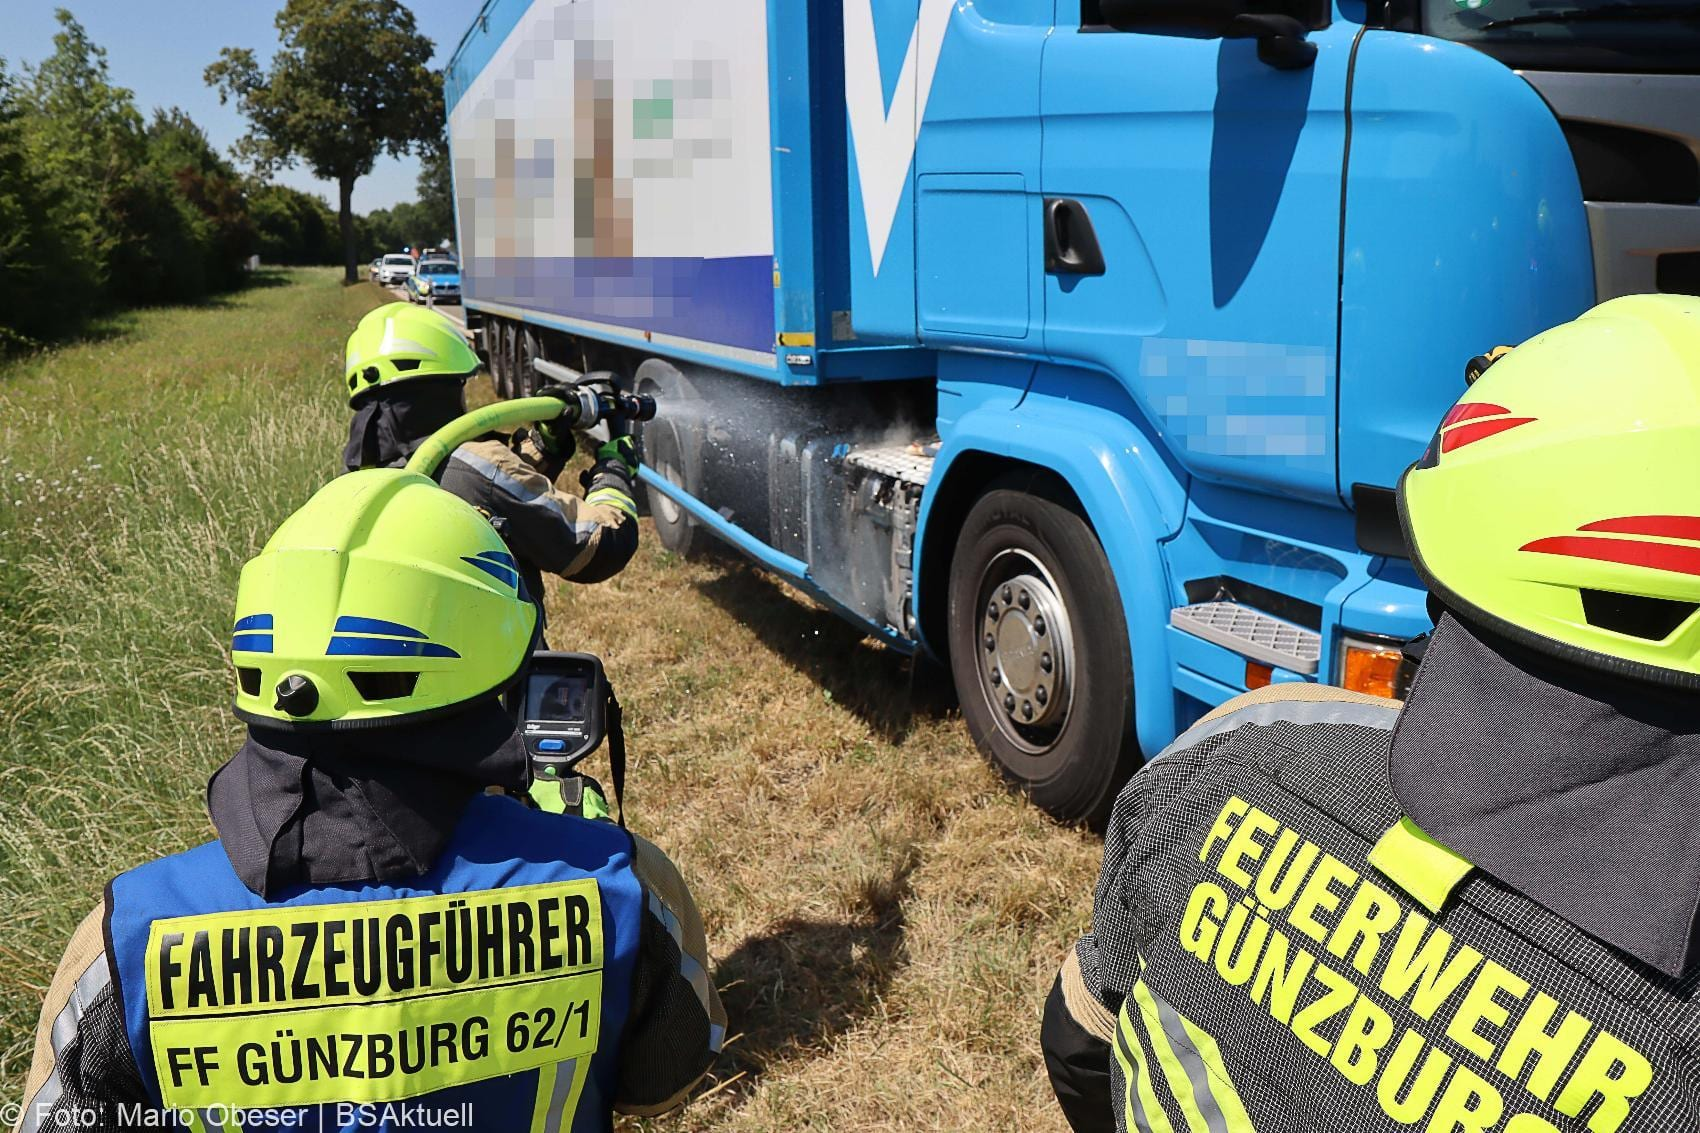 Lkw Raucht Guenzburg Riedstrase 31072020 3